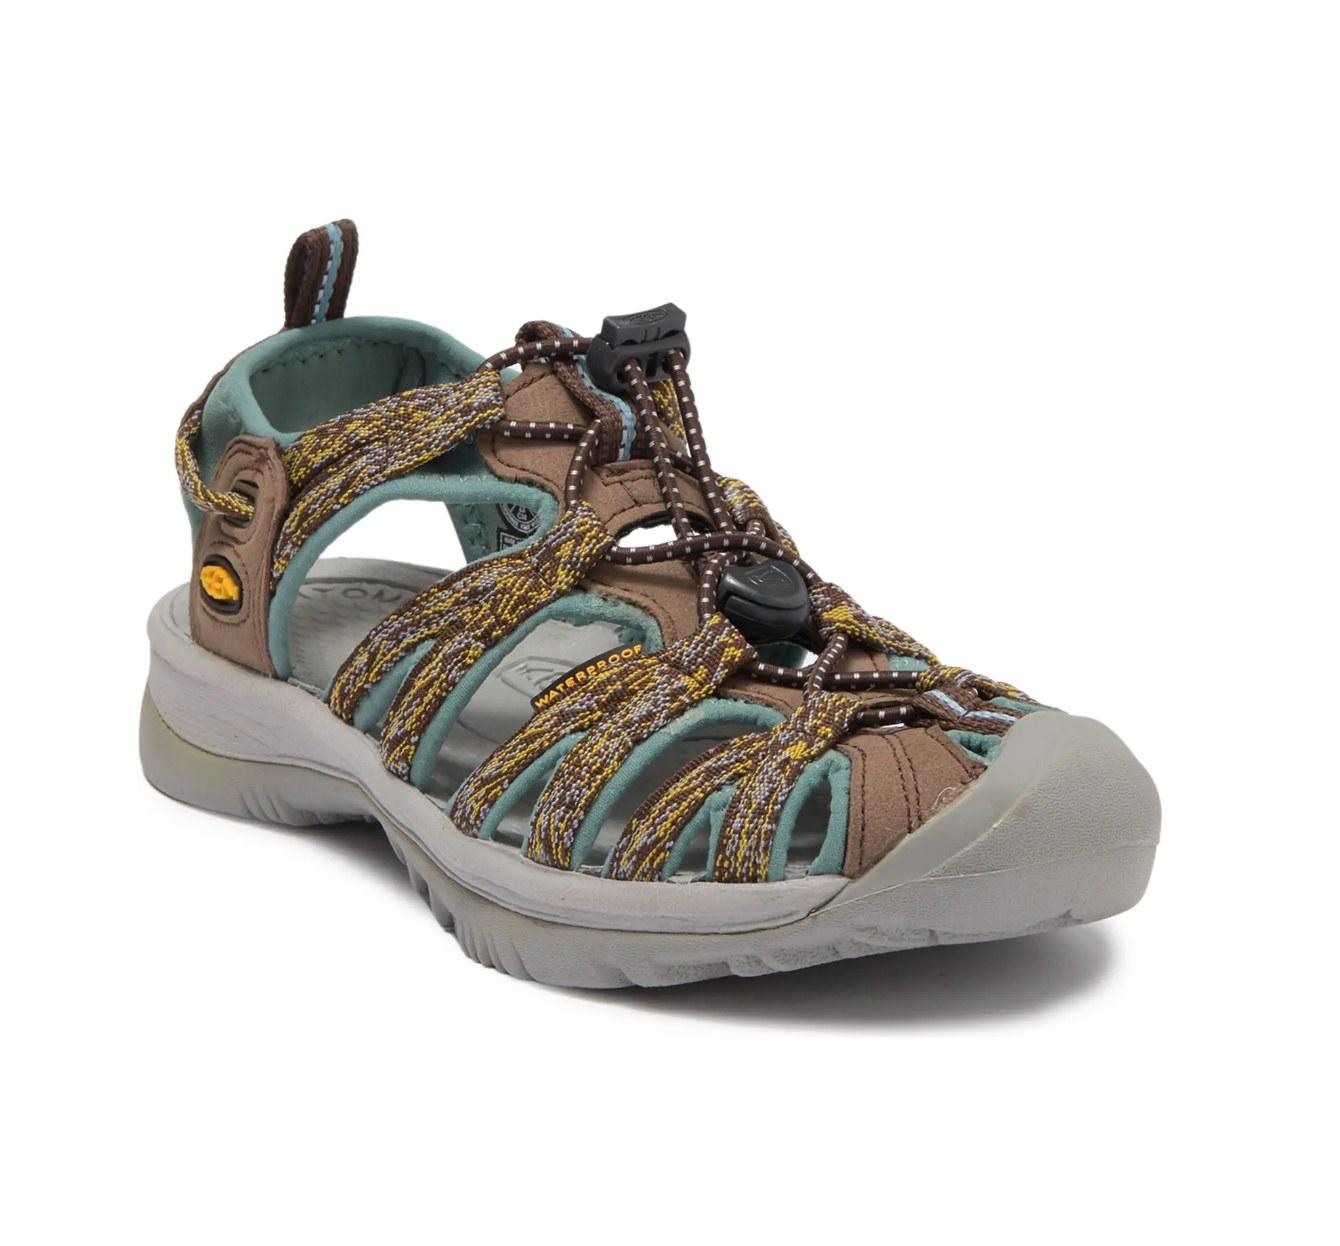 The Keen sandals in cascade